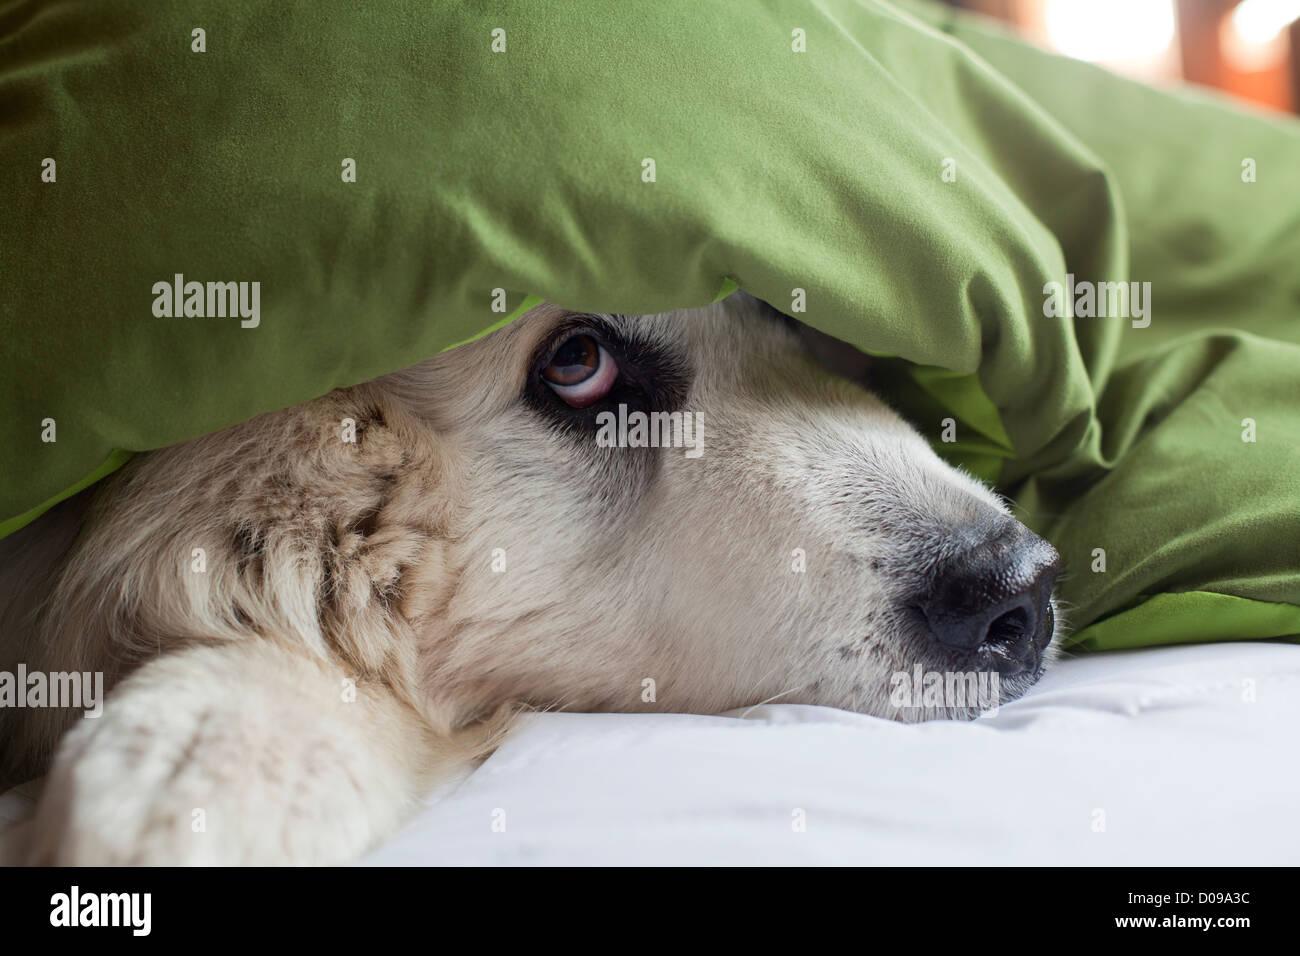 Gran Pirineos perro sobresale de debajo de la manta en la cama. Imagen De Stock